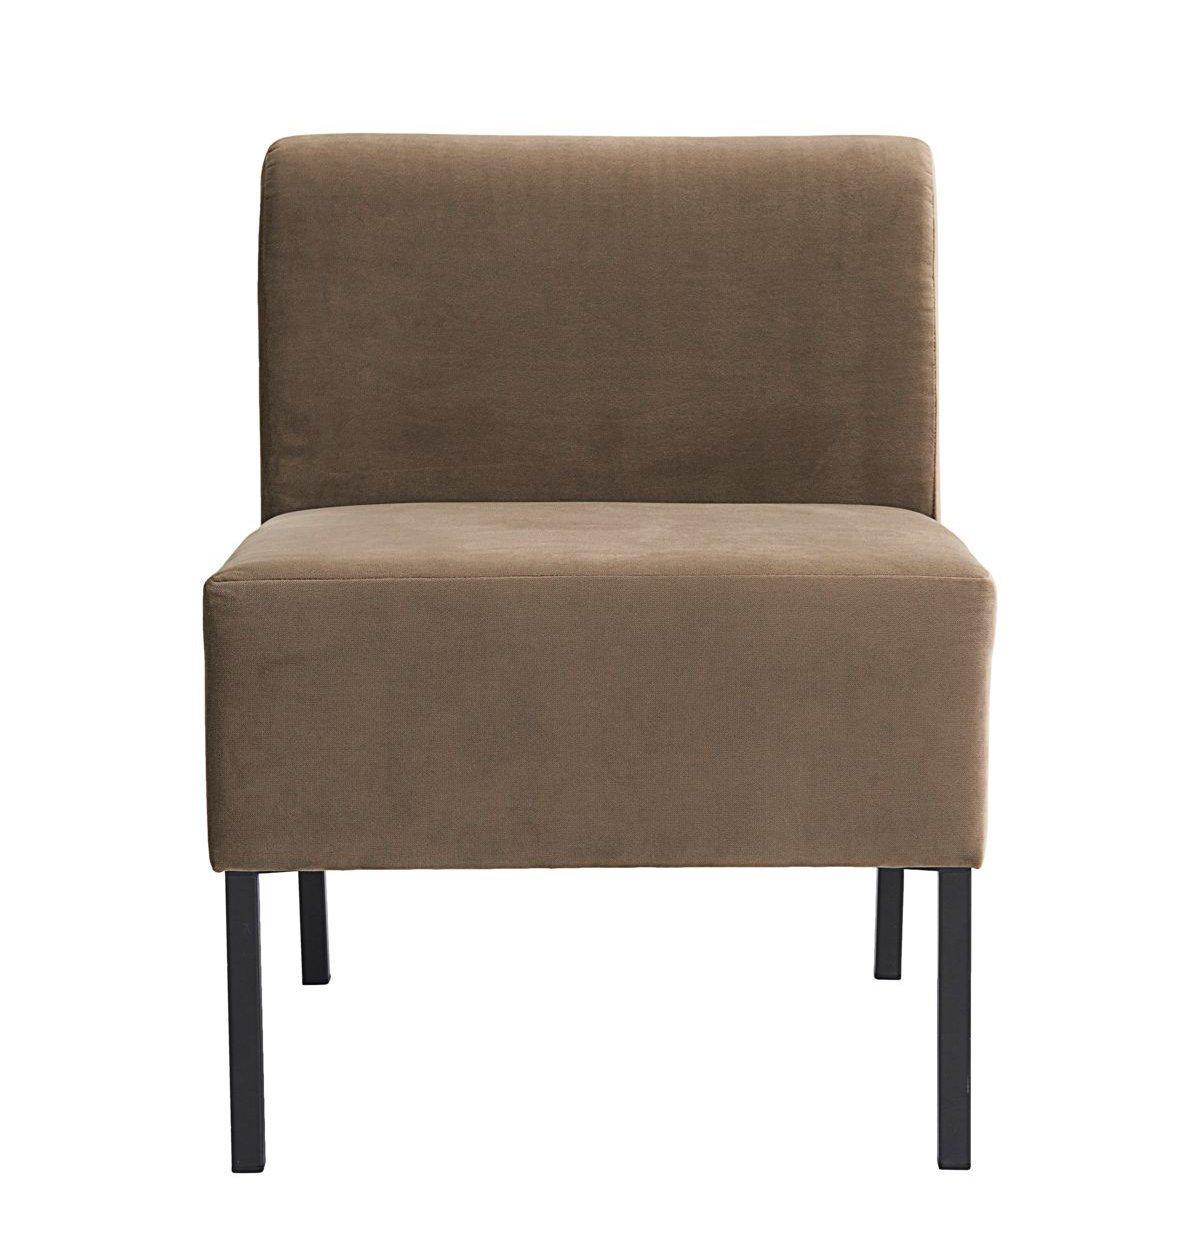 Kuchensofa Esszimmer Sofa 1er Seater Von House Doctor Gunstig Bestellen Skandeko